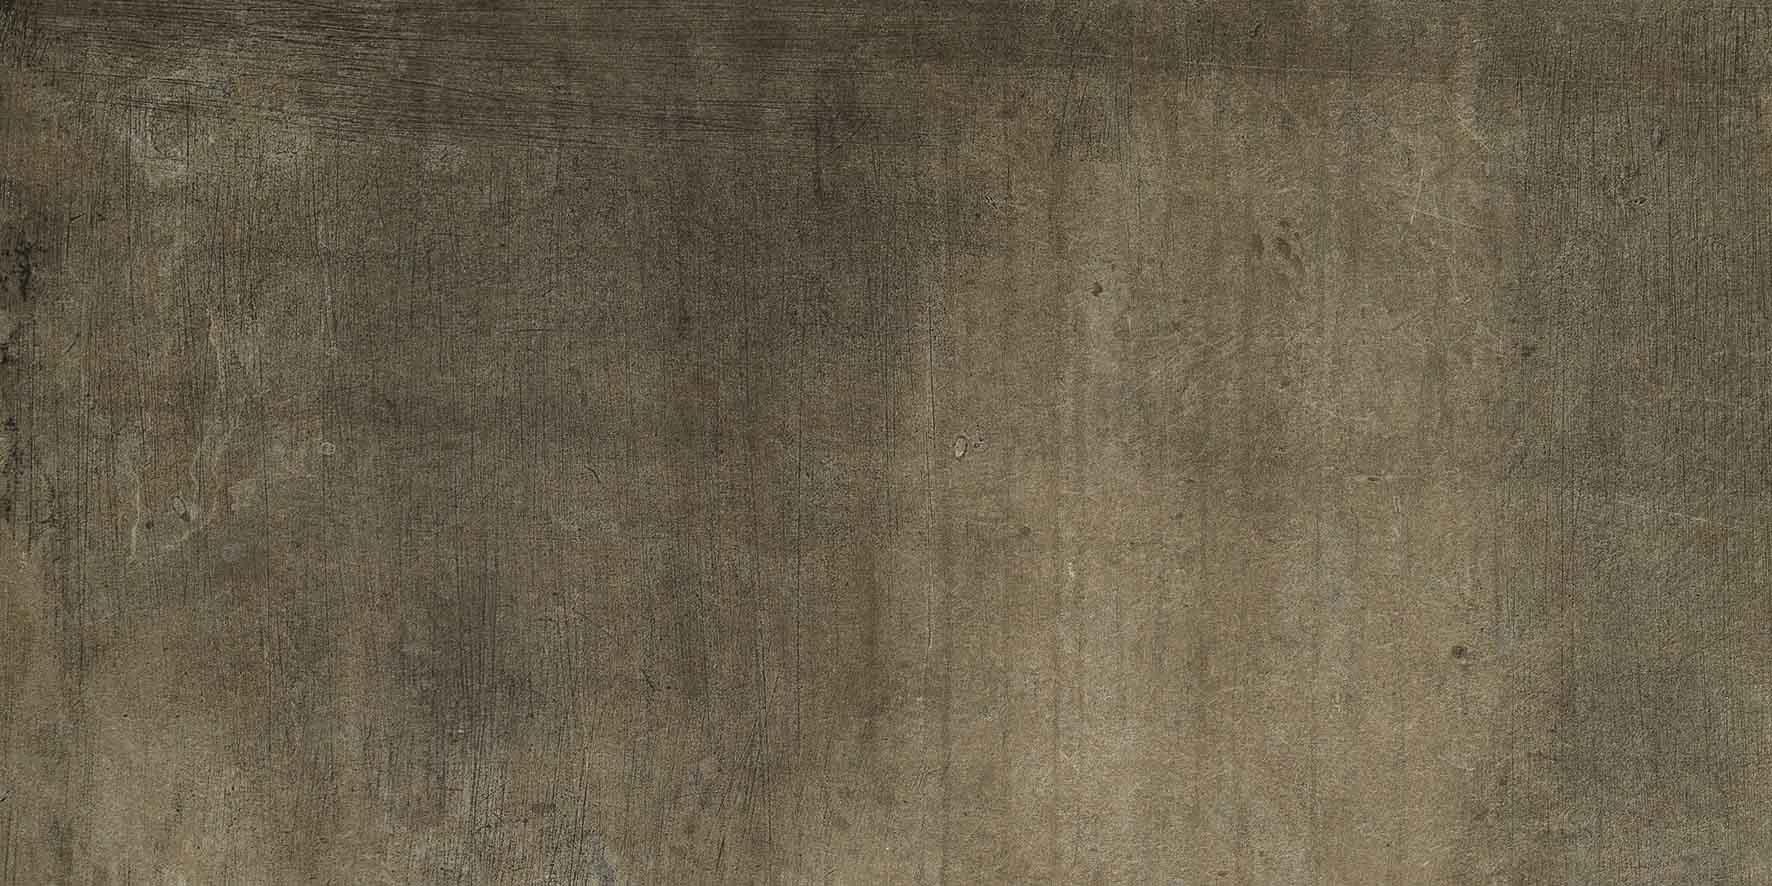 Matieres de Rex Brun Slate-hammered 10mm 40 x 80